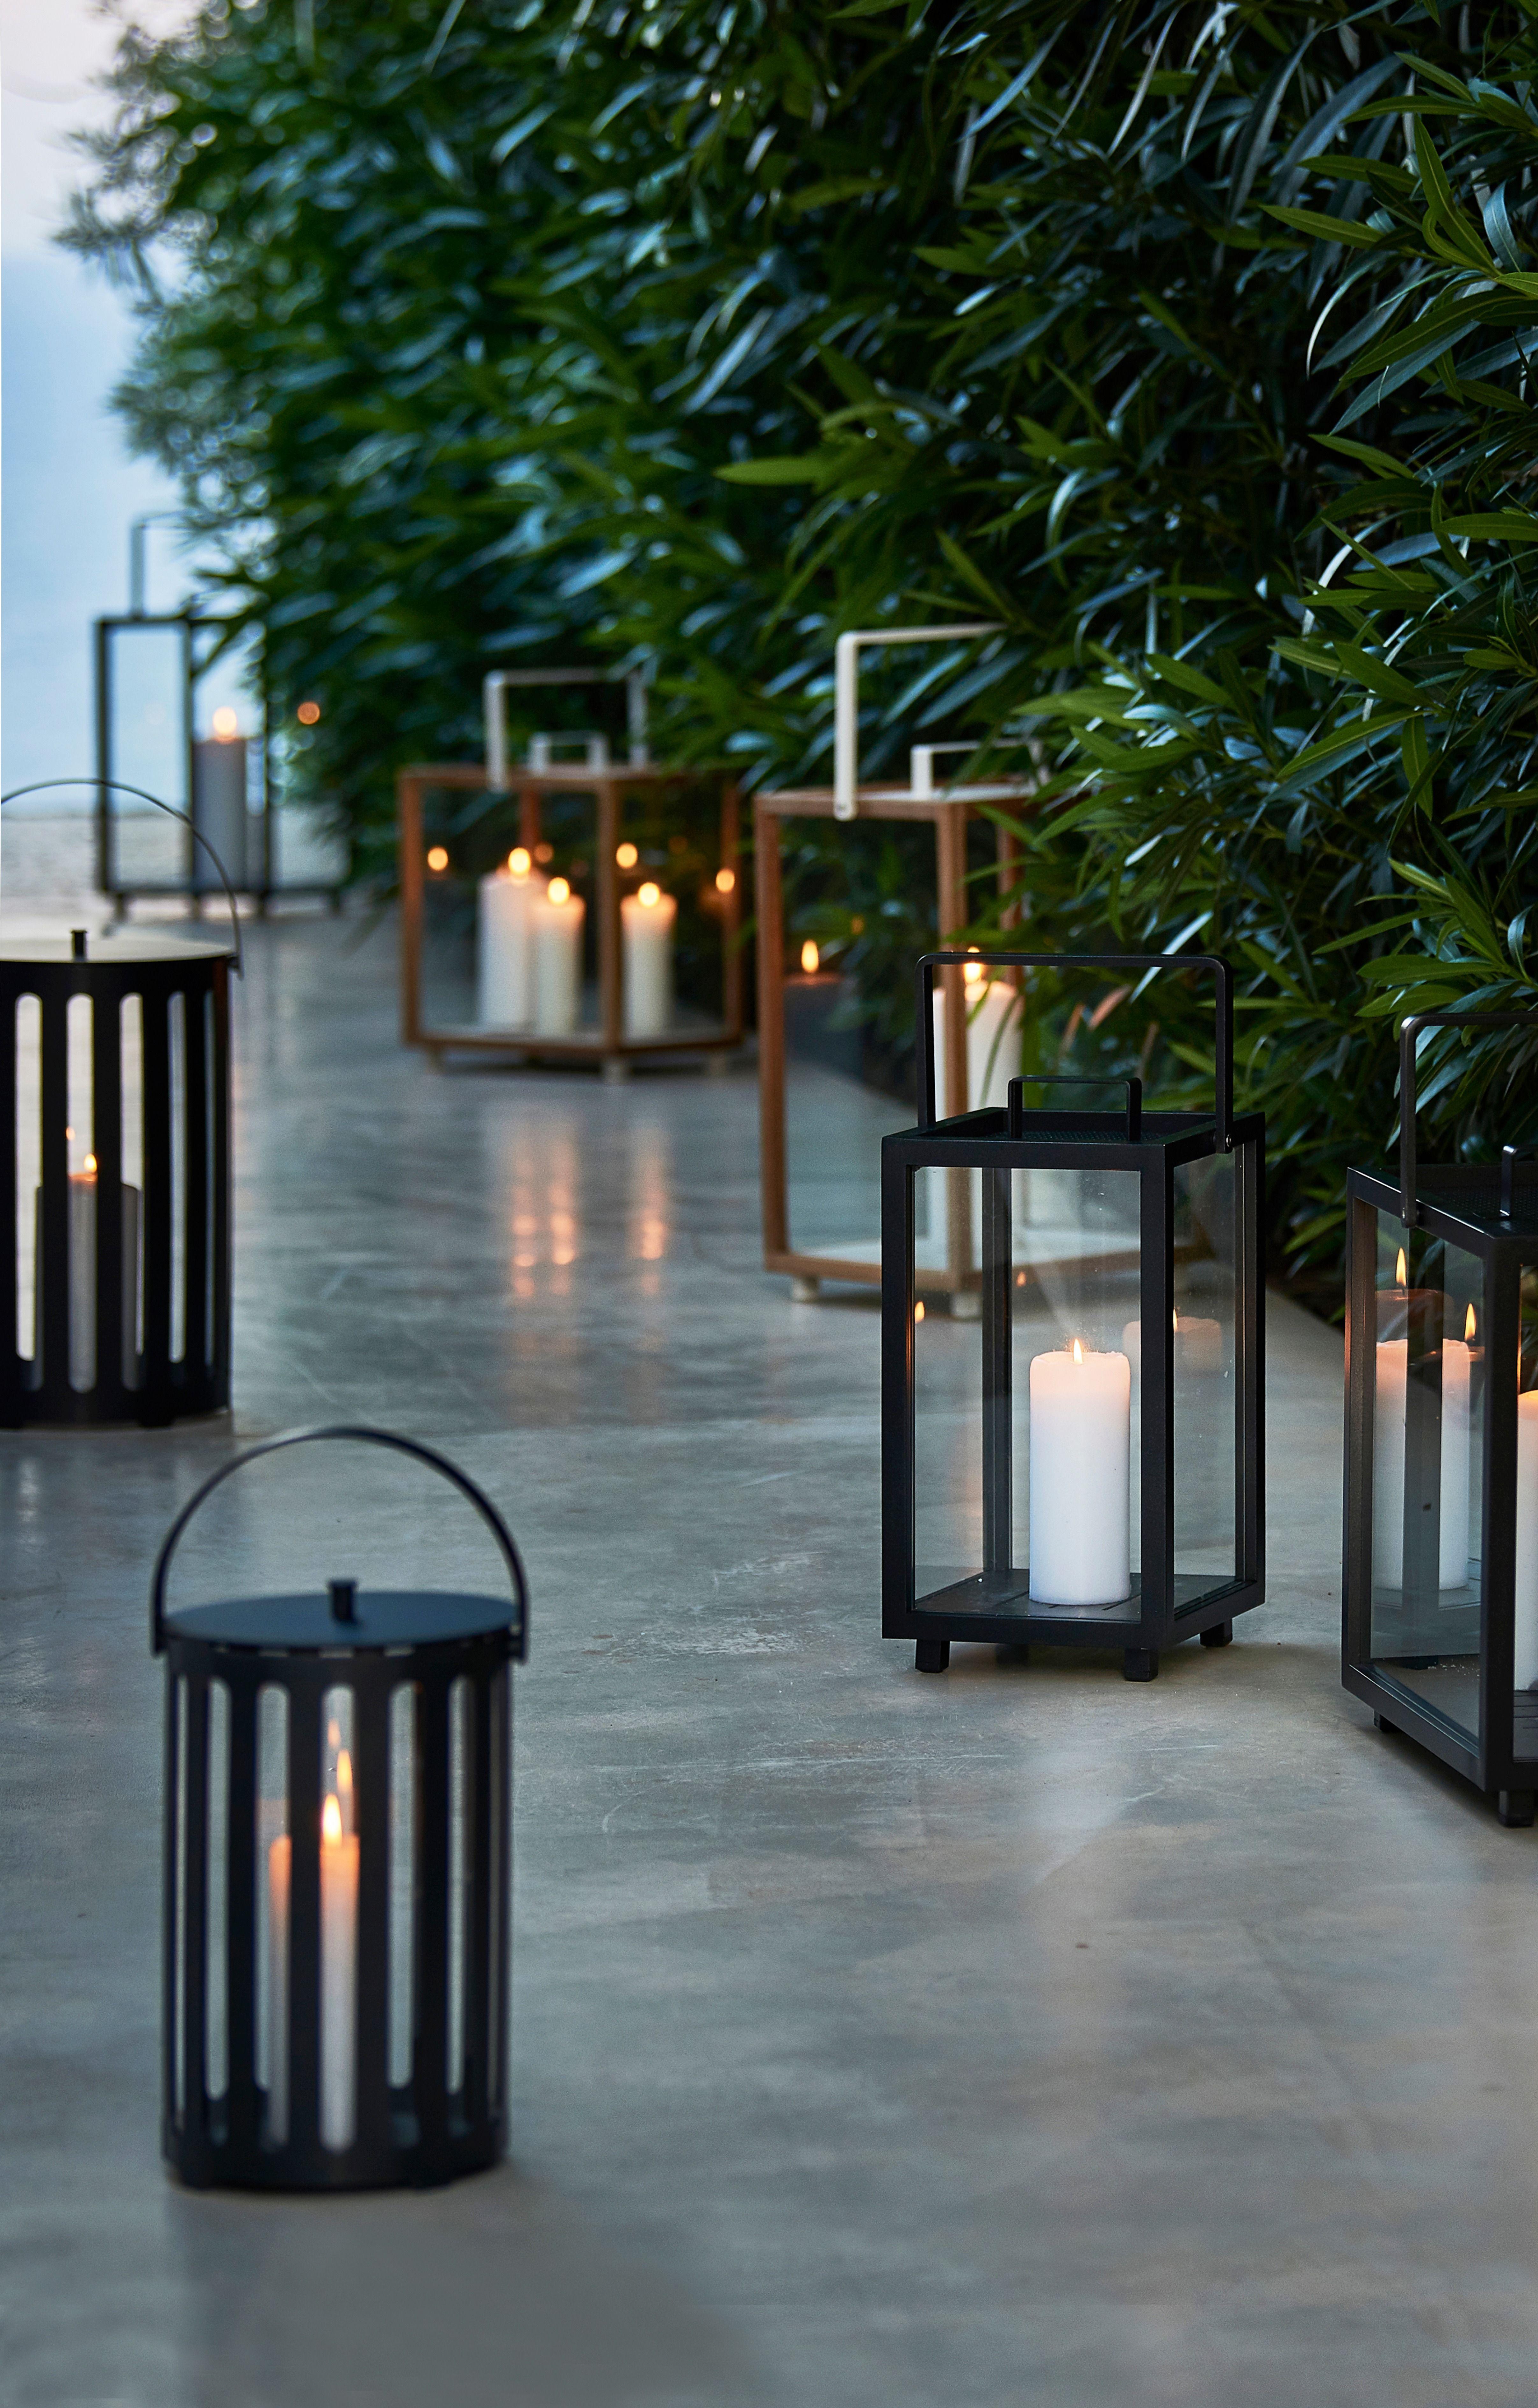 Windlichter Garten Windlichter Garten Geschlossener Innenhof Laterne Garten